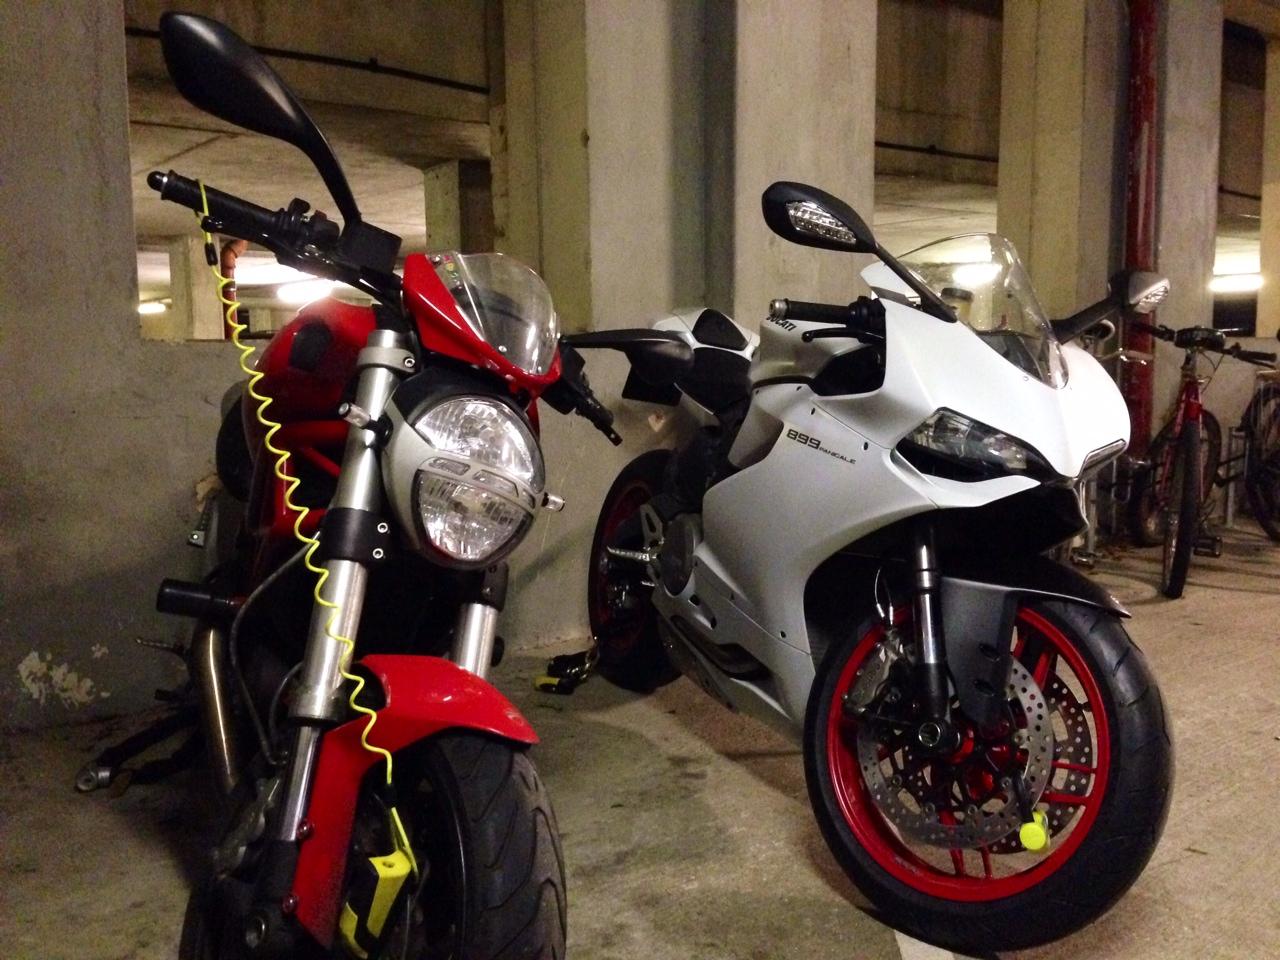 Ducatis locked up